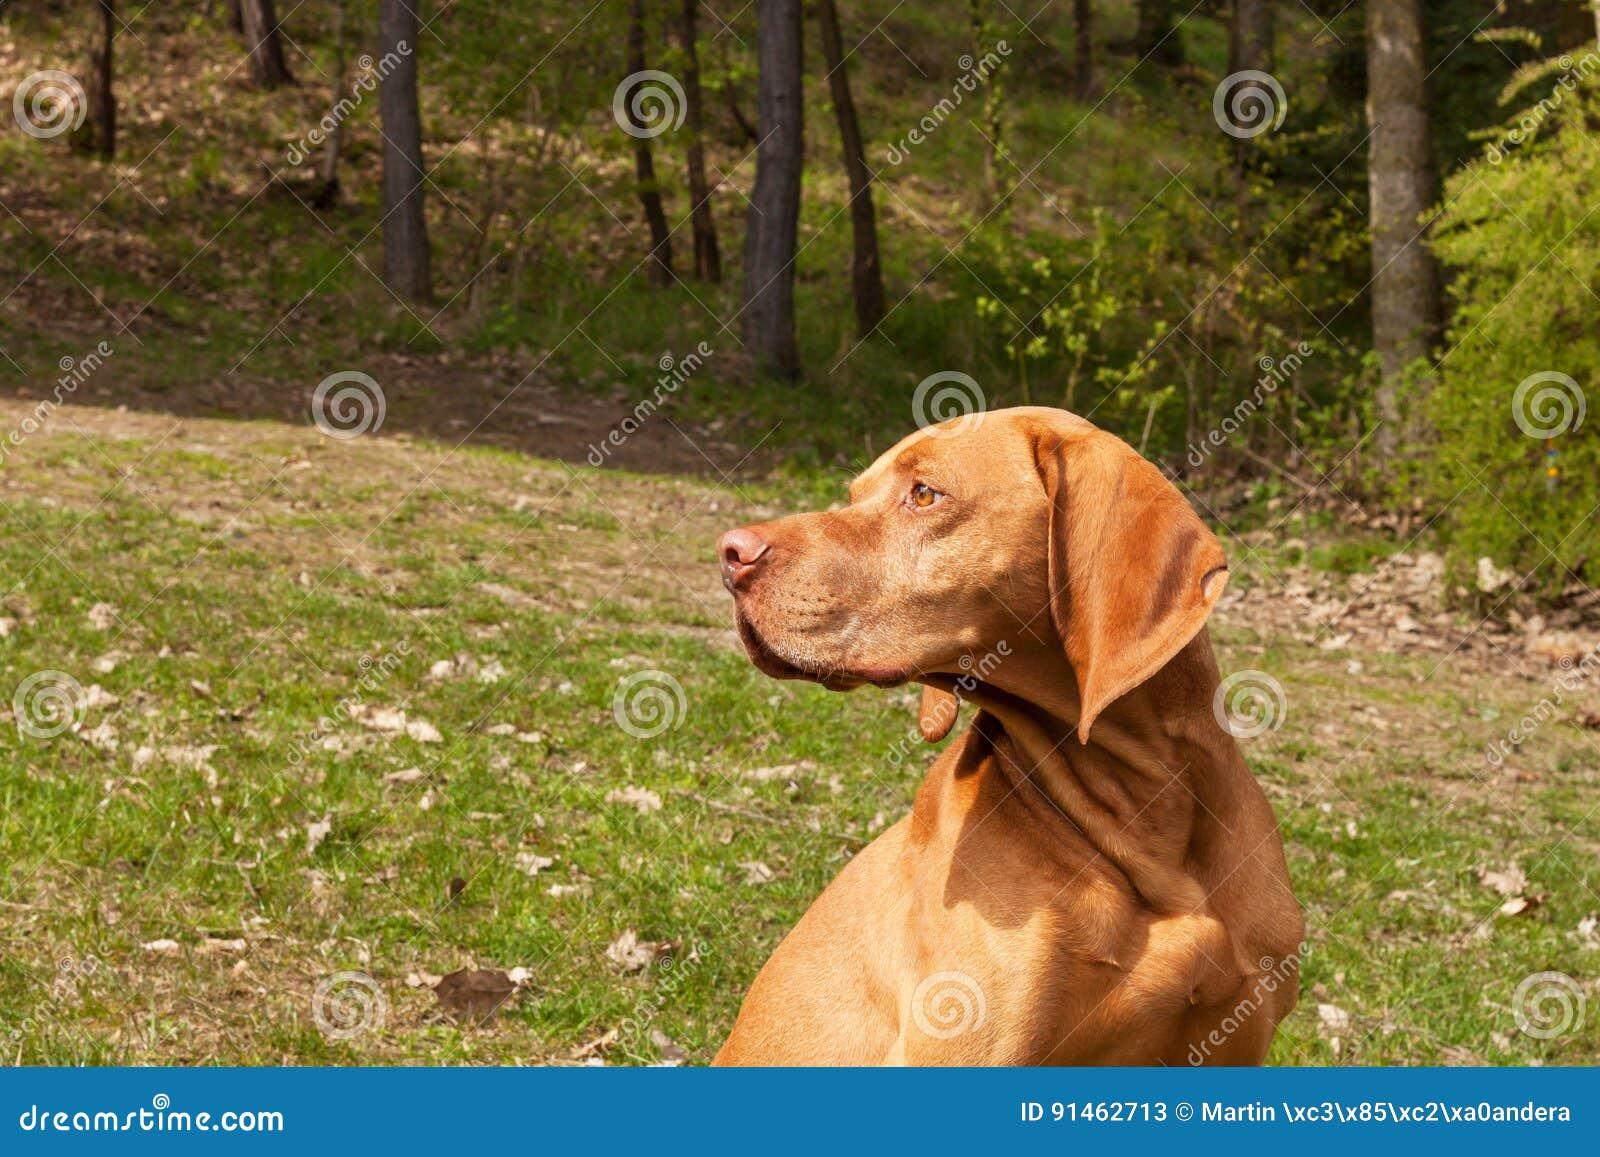 Puntatore ungherese Vizsla, fiutante sulla caccia Insegua un amico leale di un cacciatore Dettaglio della testa di cane